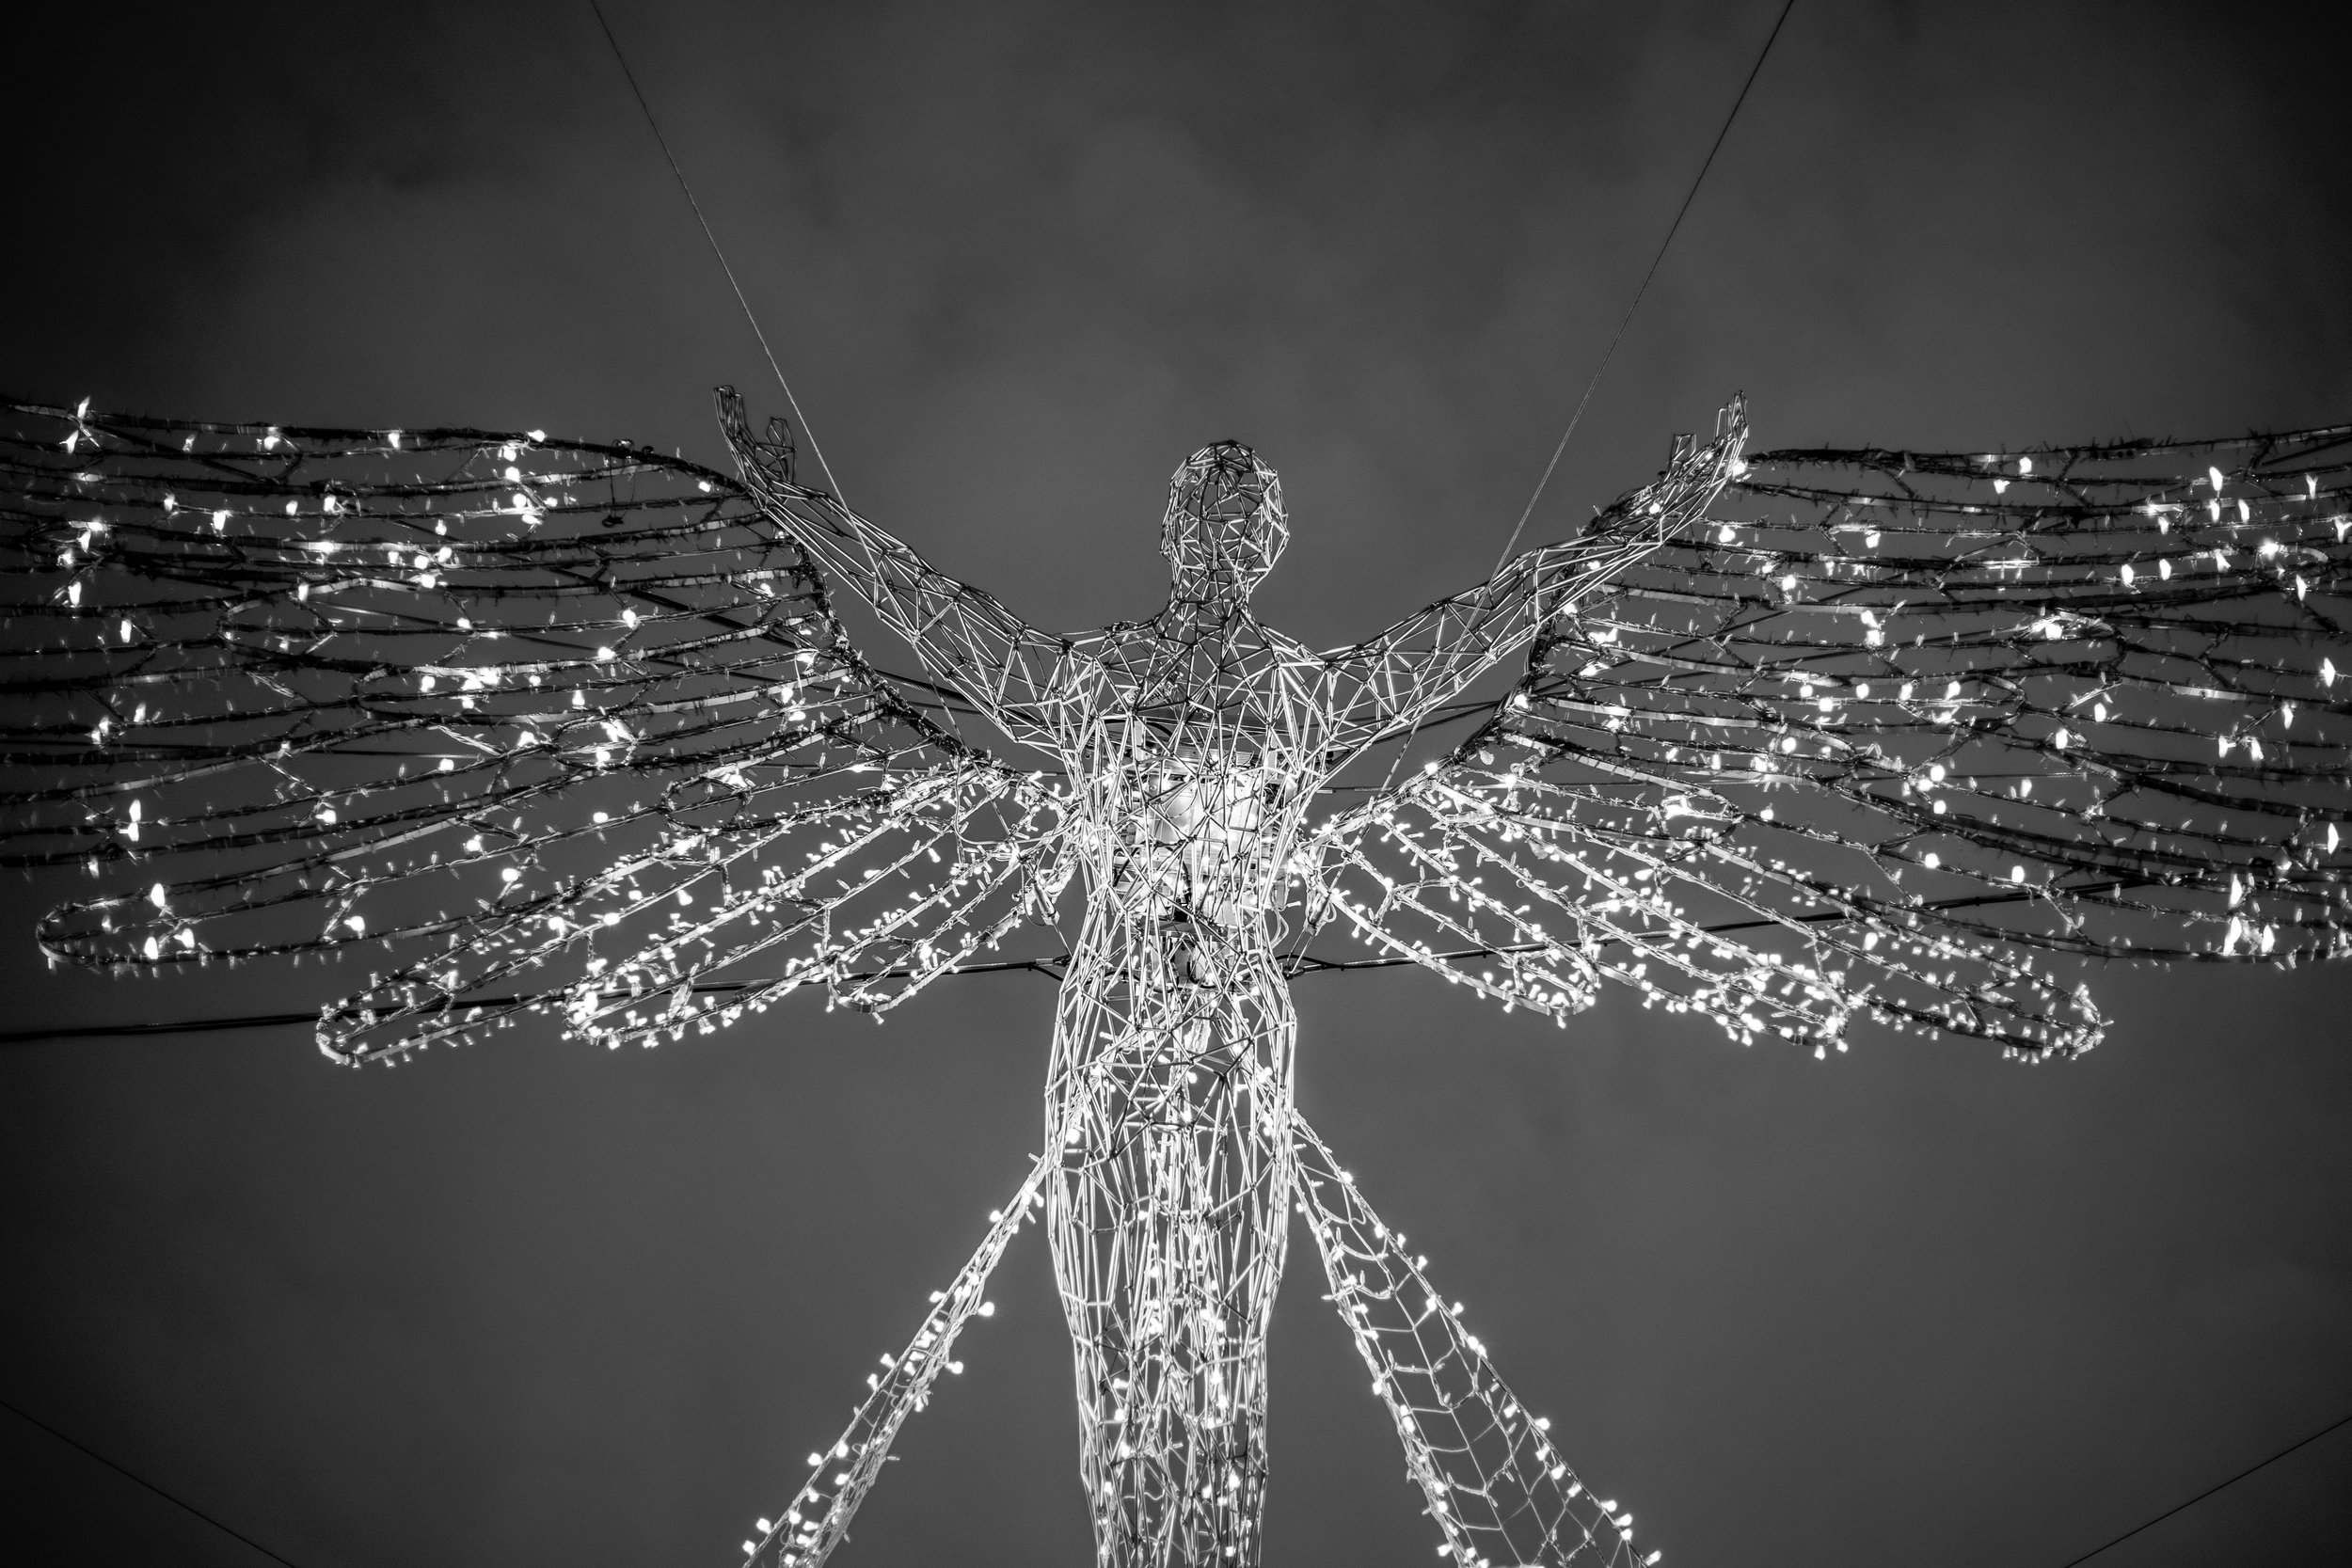 Christmas Angel - © 2015Genre: Country/Modern CountryTheme: Holiday & Seasonal